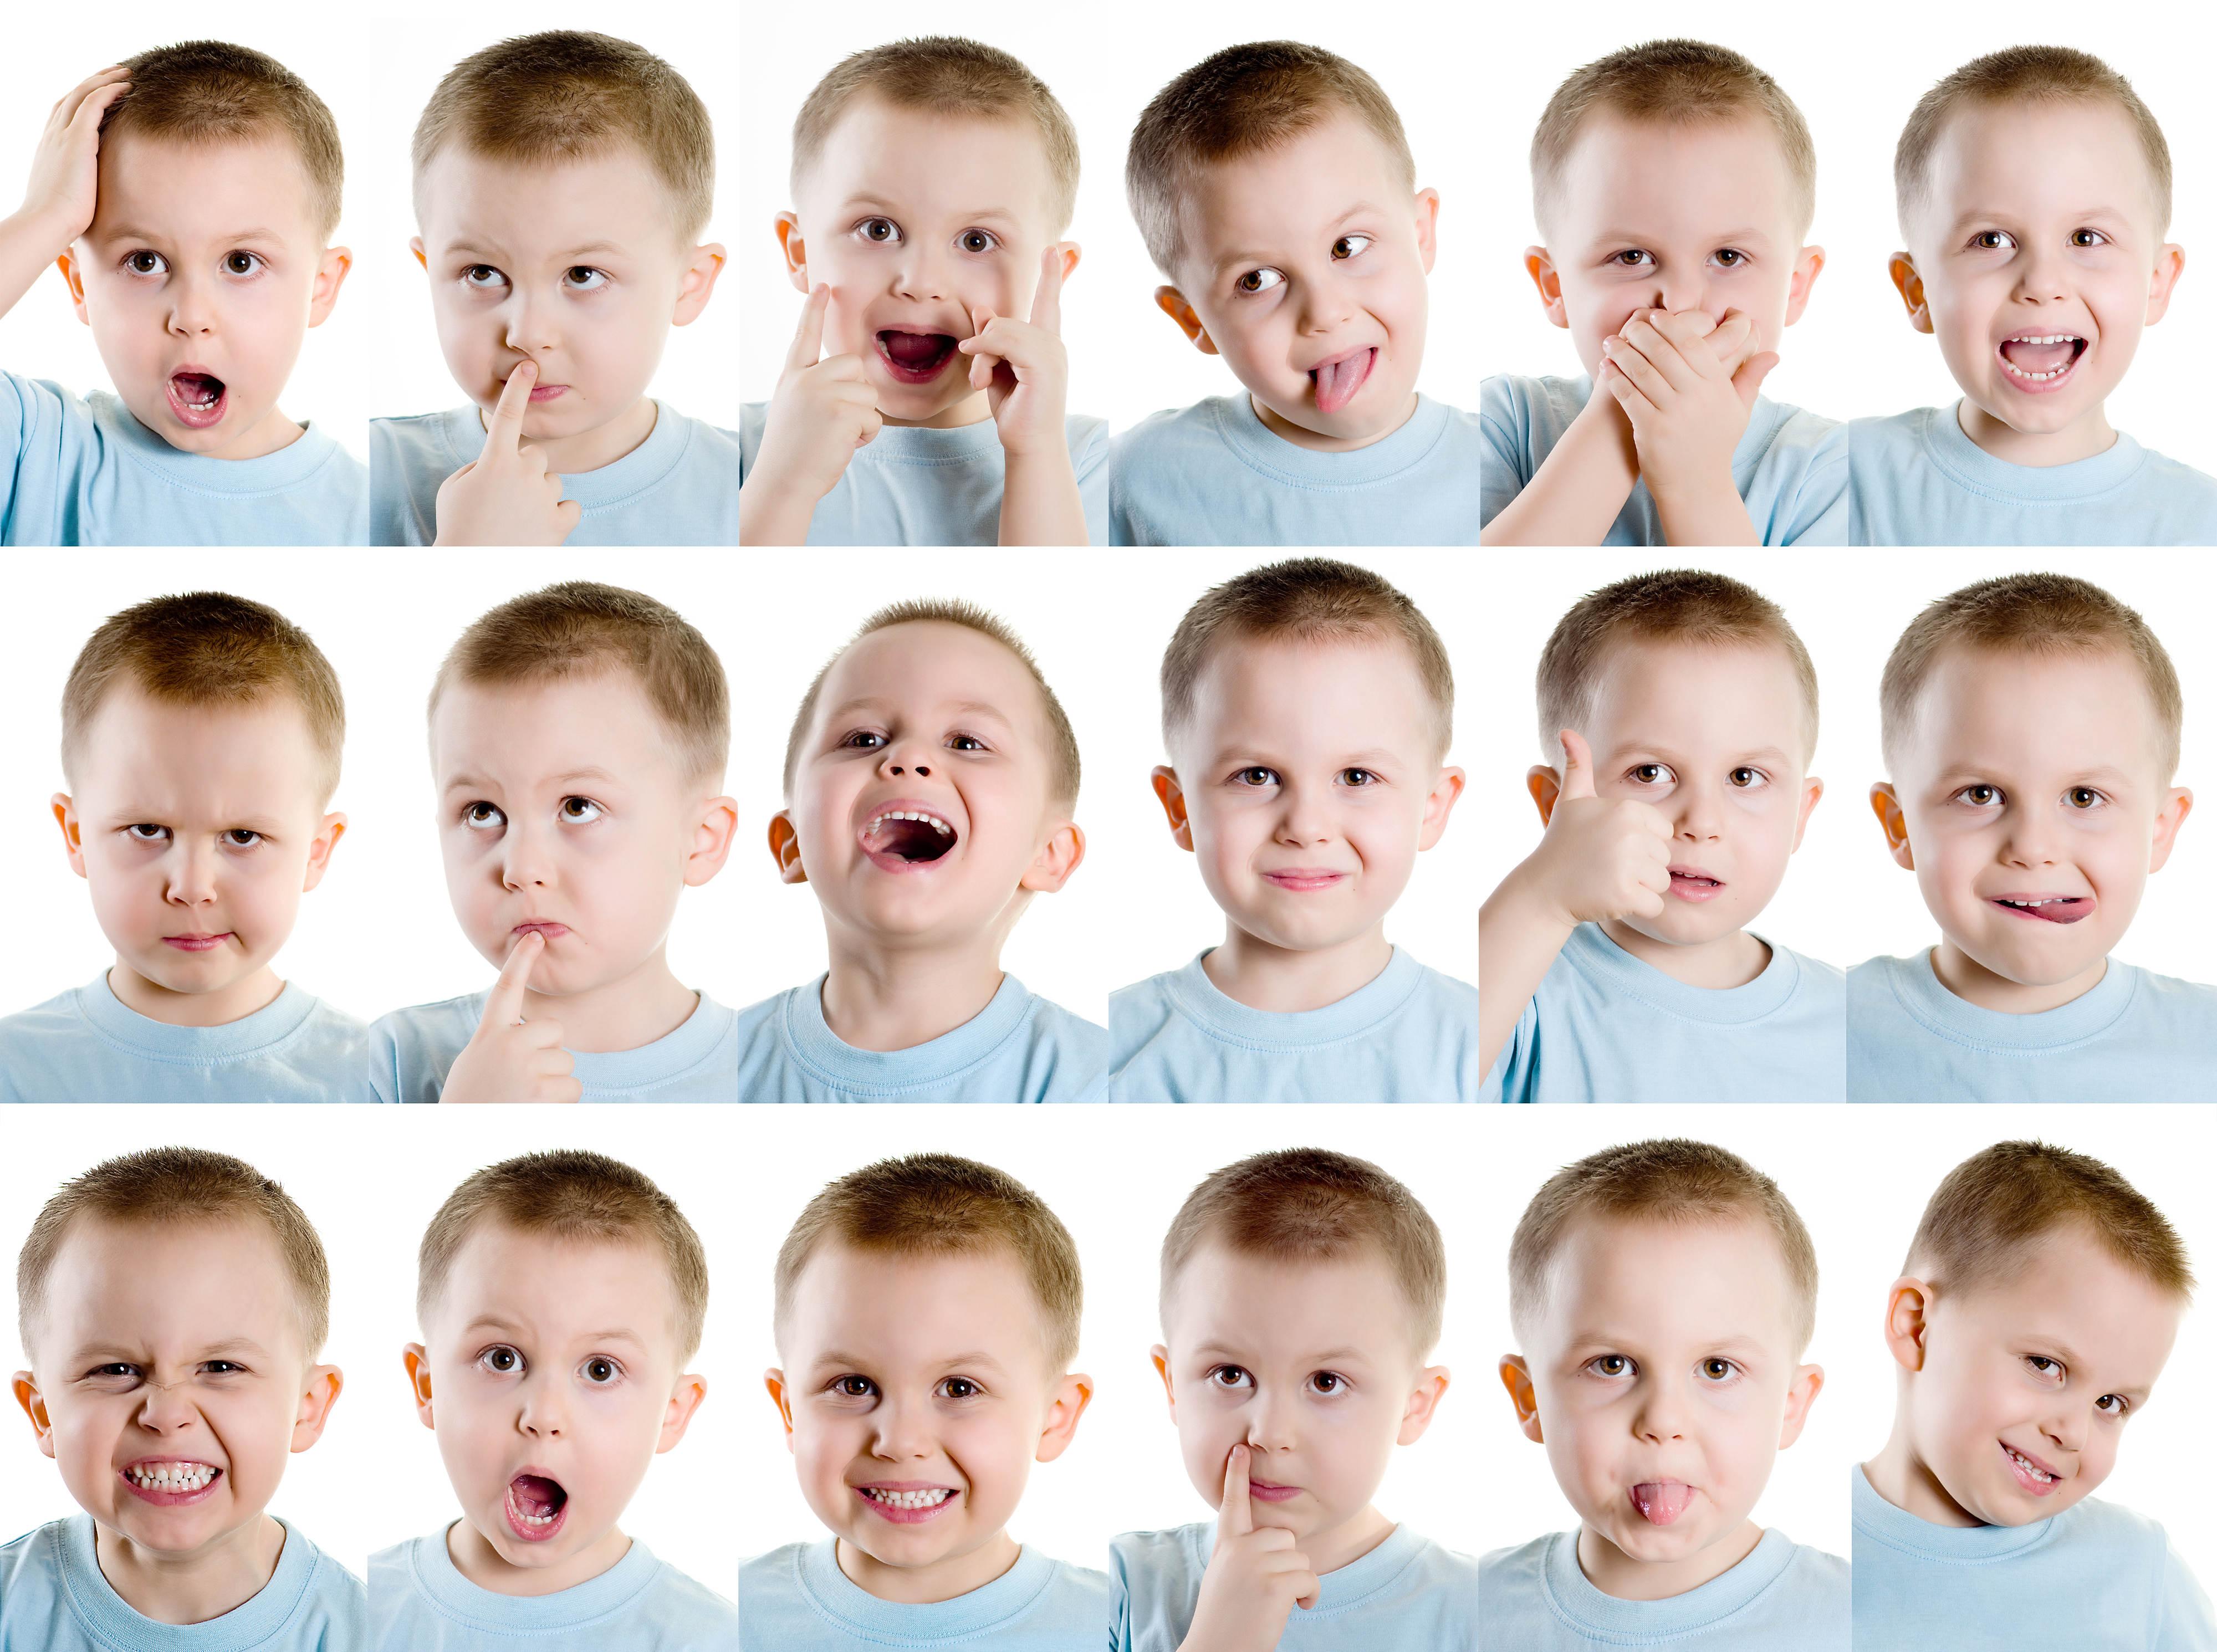 Какие бывают эмоции? список эмоций.